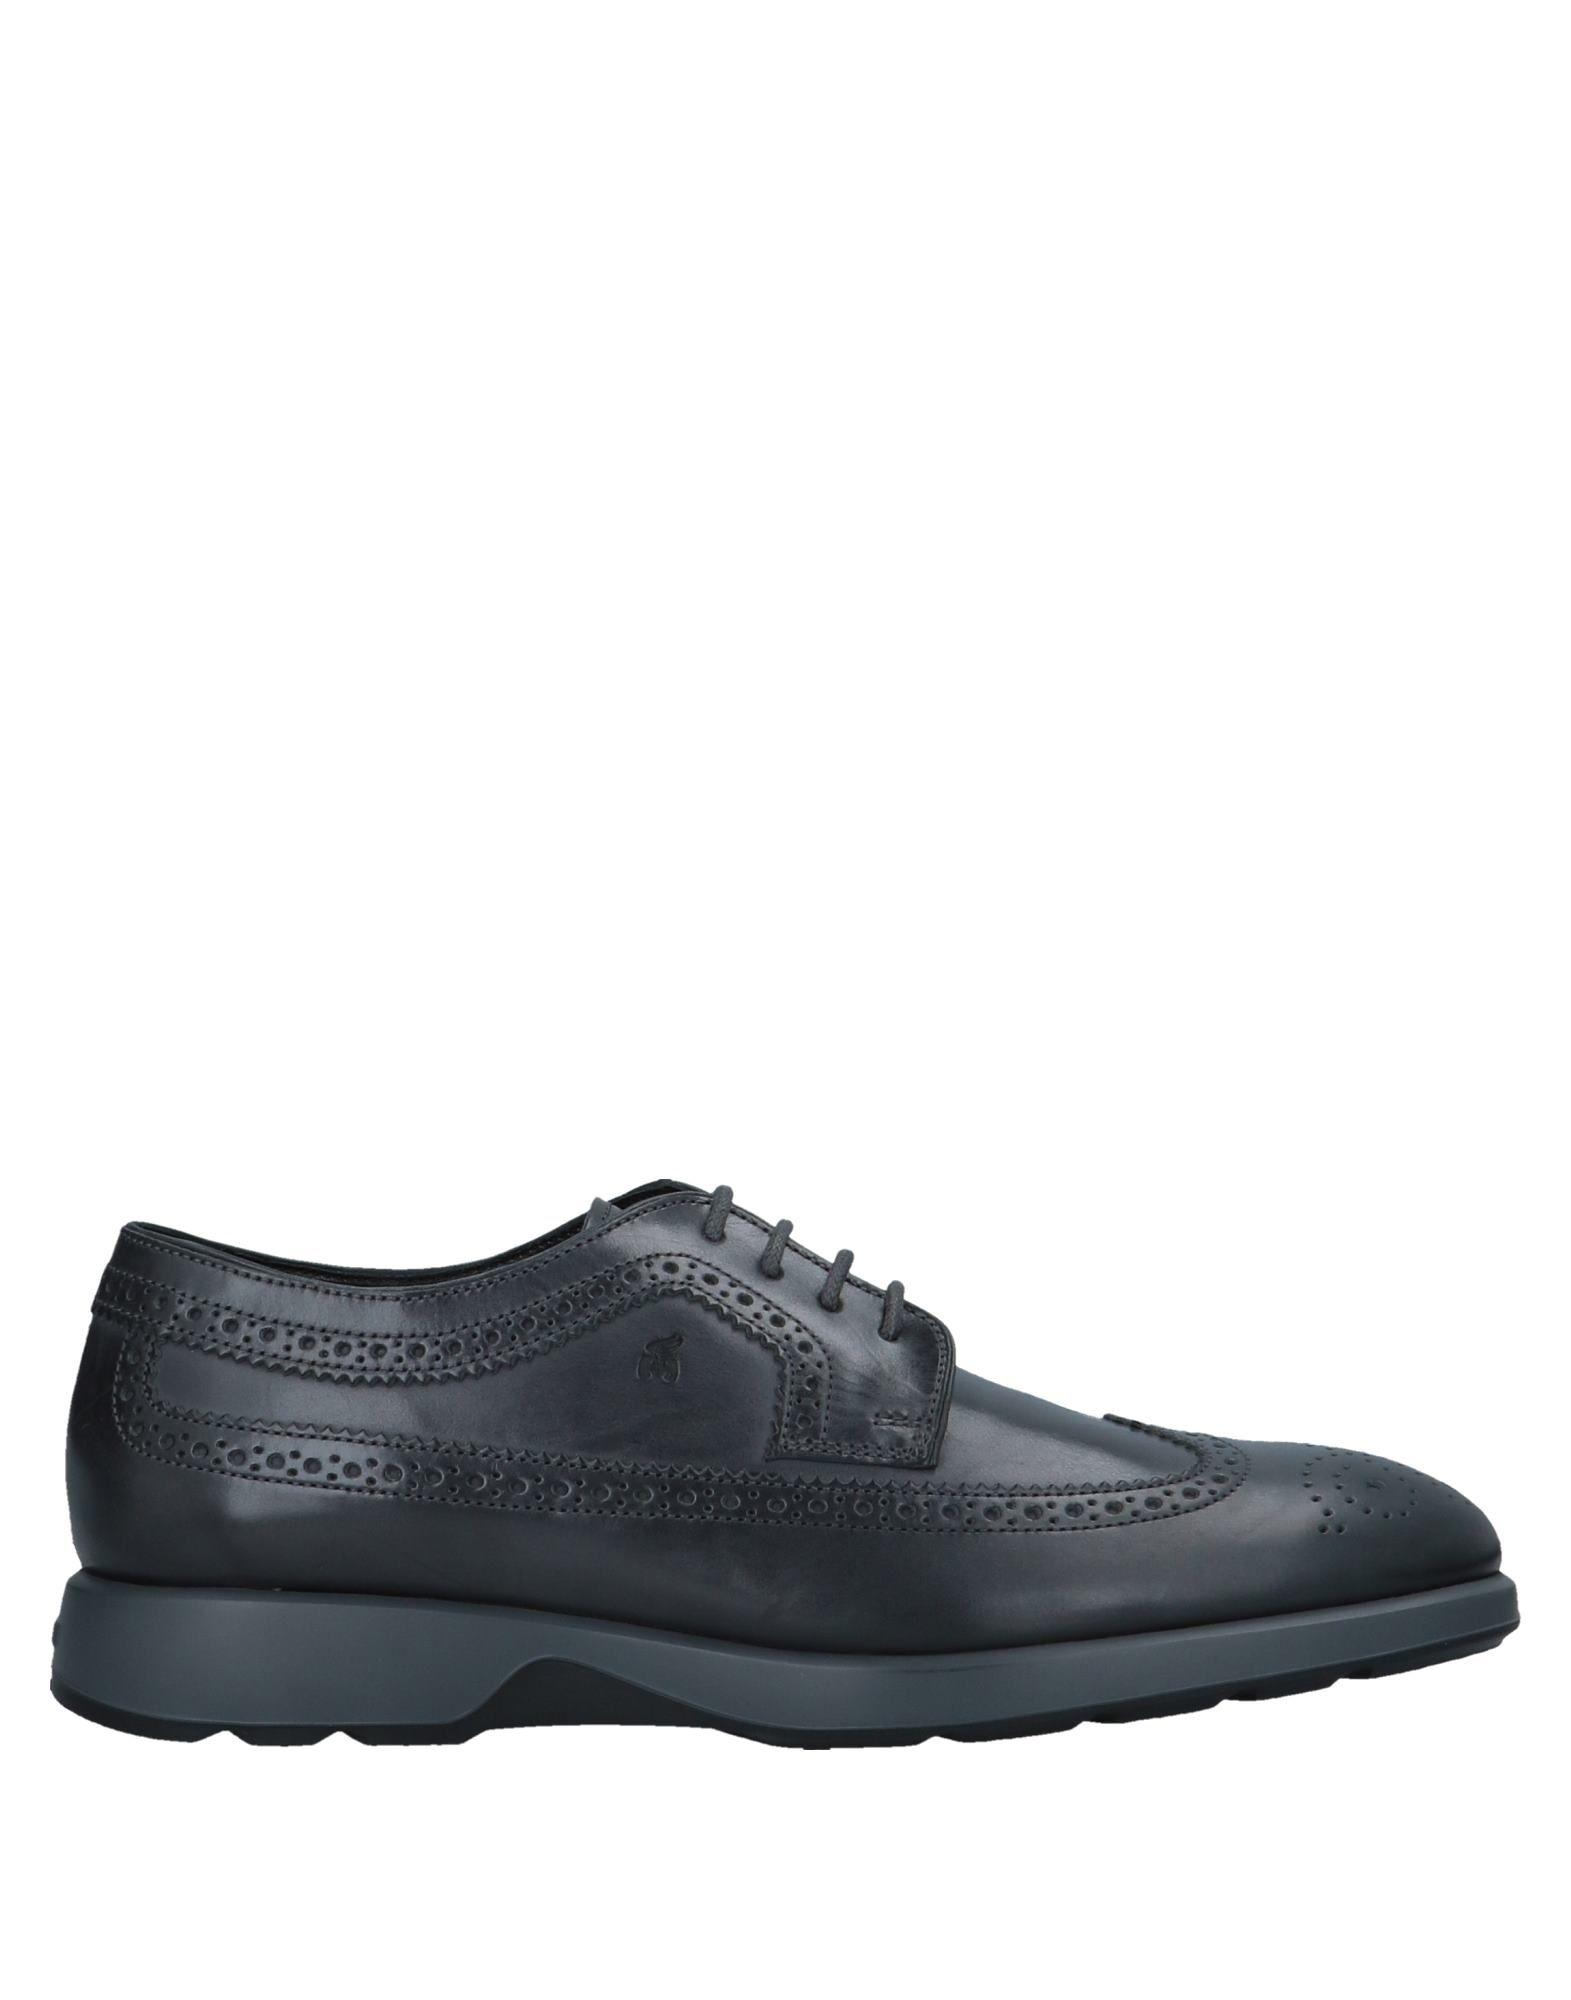 Hogan Schnürschuhe Herren  11541407BM Gute Qualität beliebte Schuhe